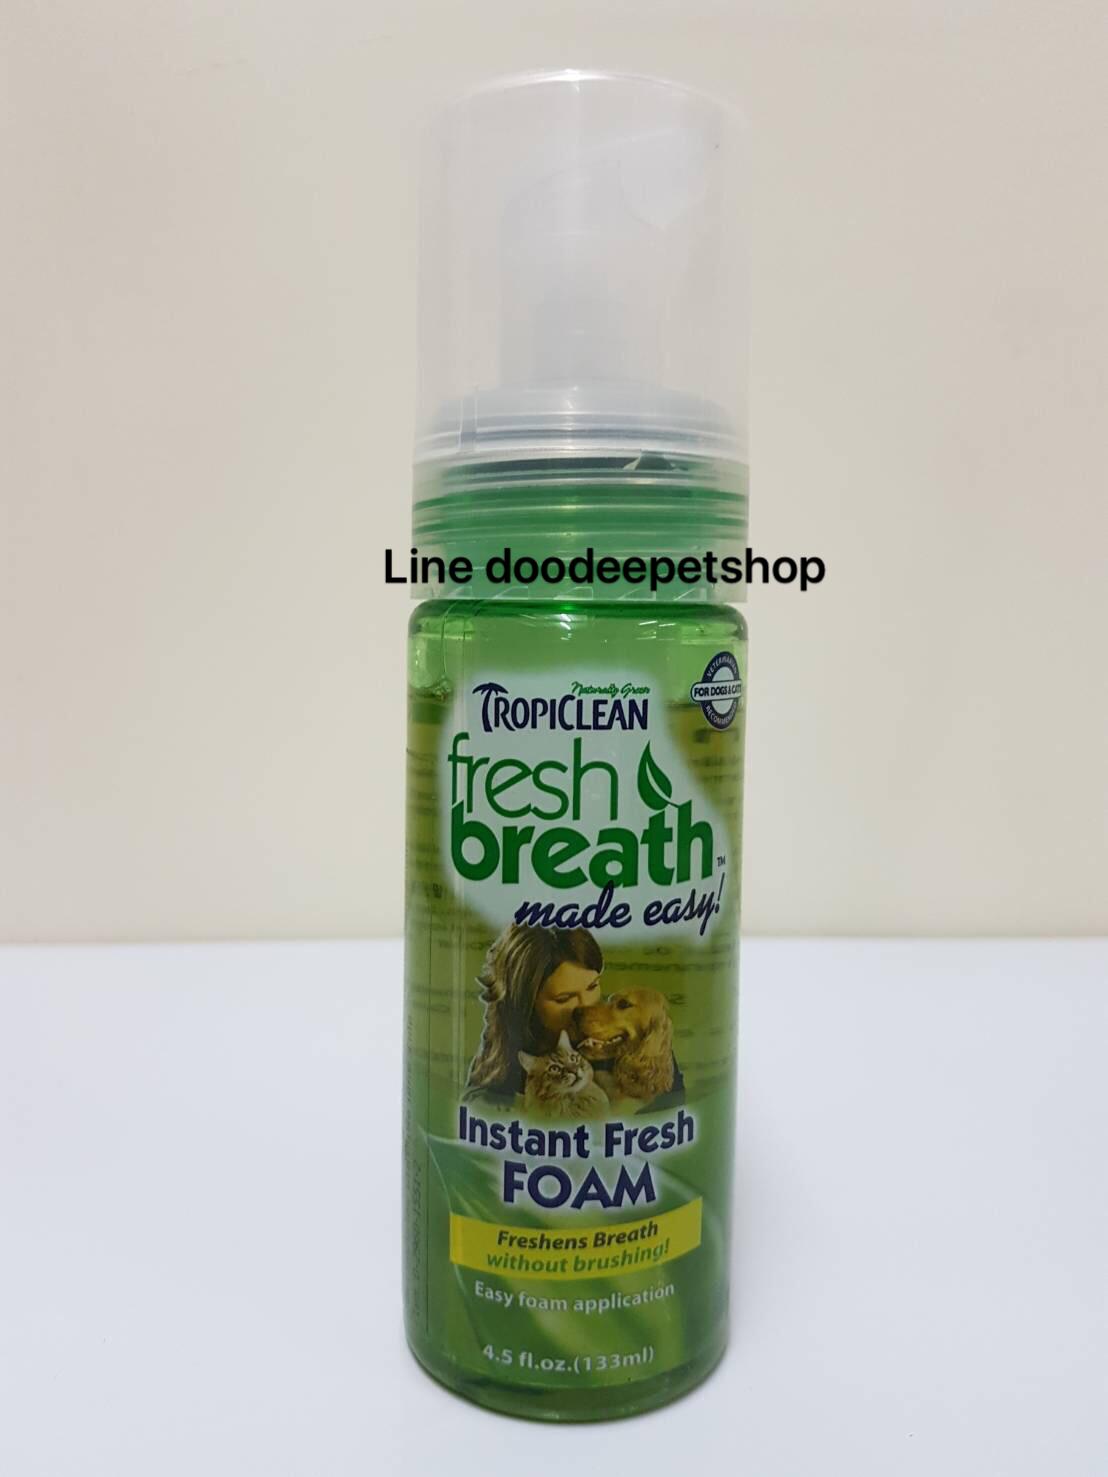 Tropiclean โฟมดูแลช่องปากสุนัข ลดกลิ่นปาก ลดคราบหินปูน สำหรับสุนัข 4 เดือนขึ้นไป ขนาด 133 มล.